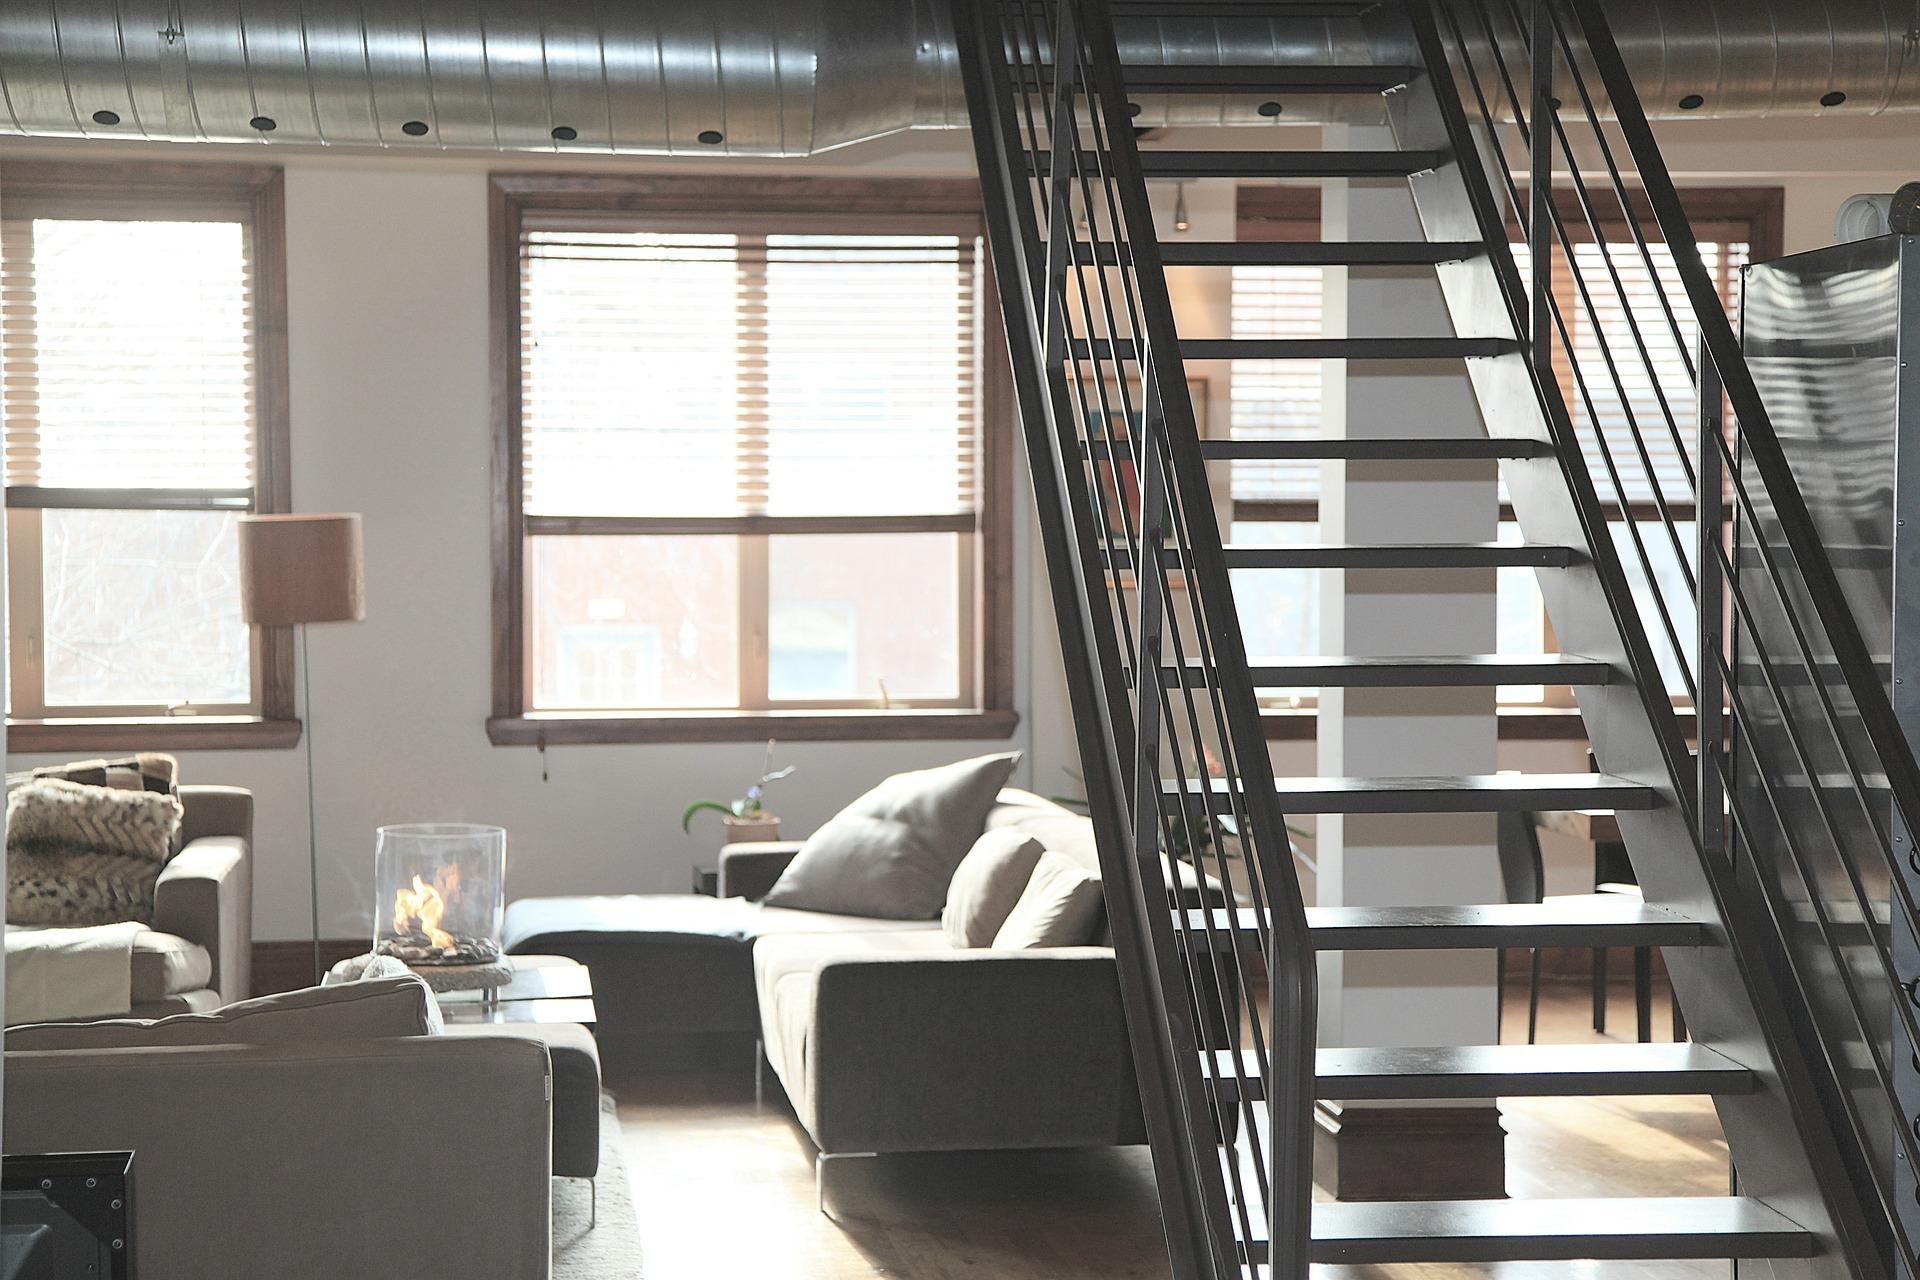 Vivirías en un Loft Tadeo Arosio6 - ¿Vivirías en un Loft?